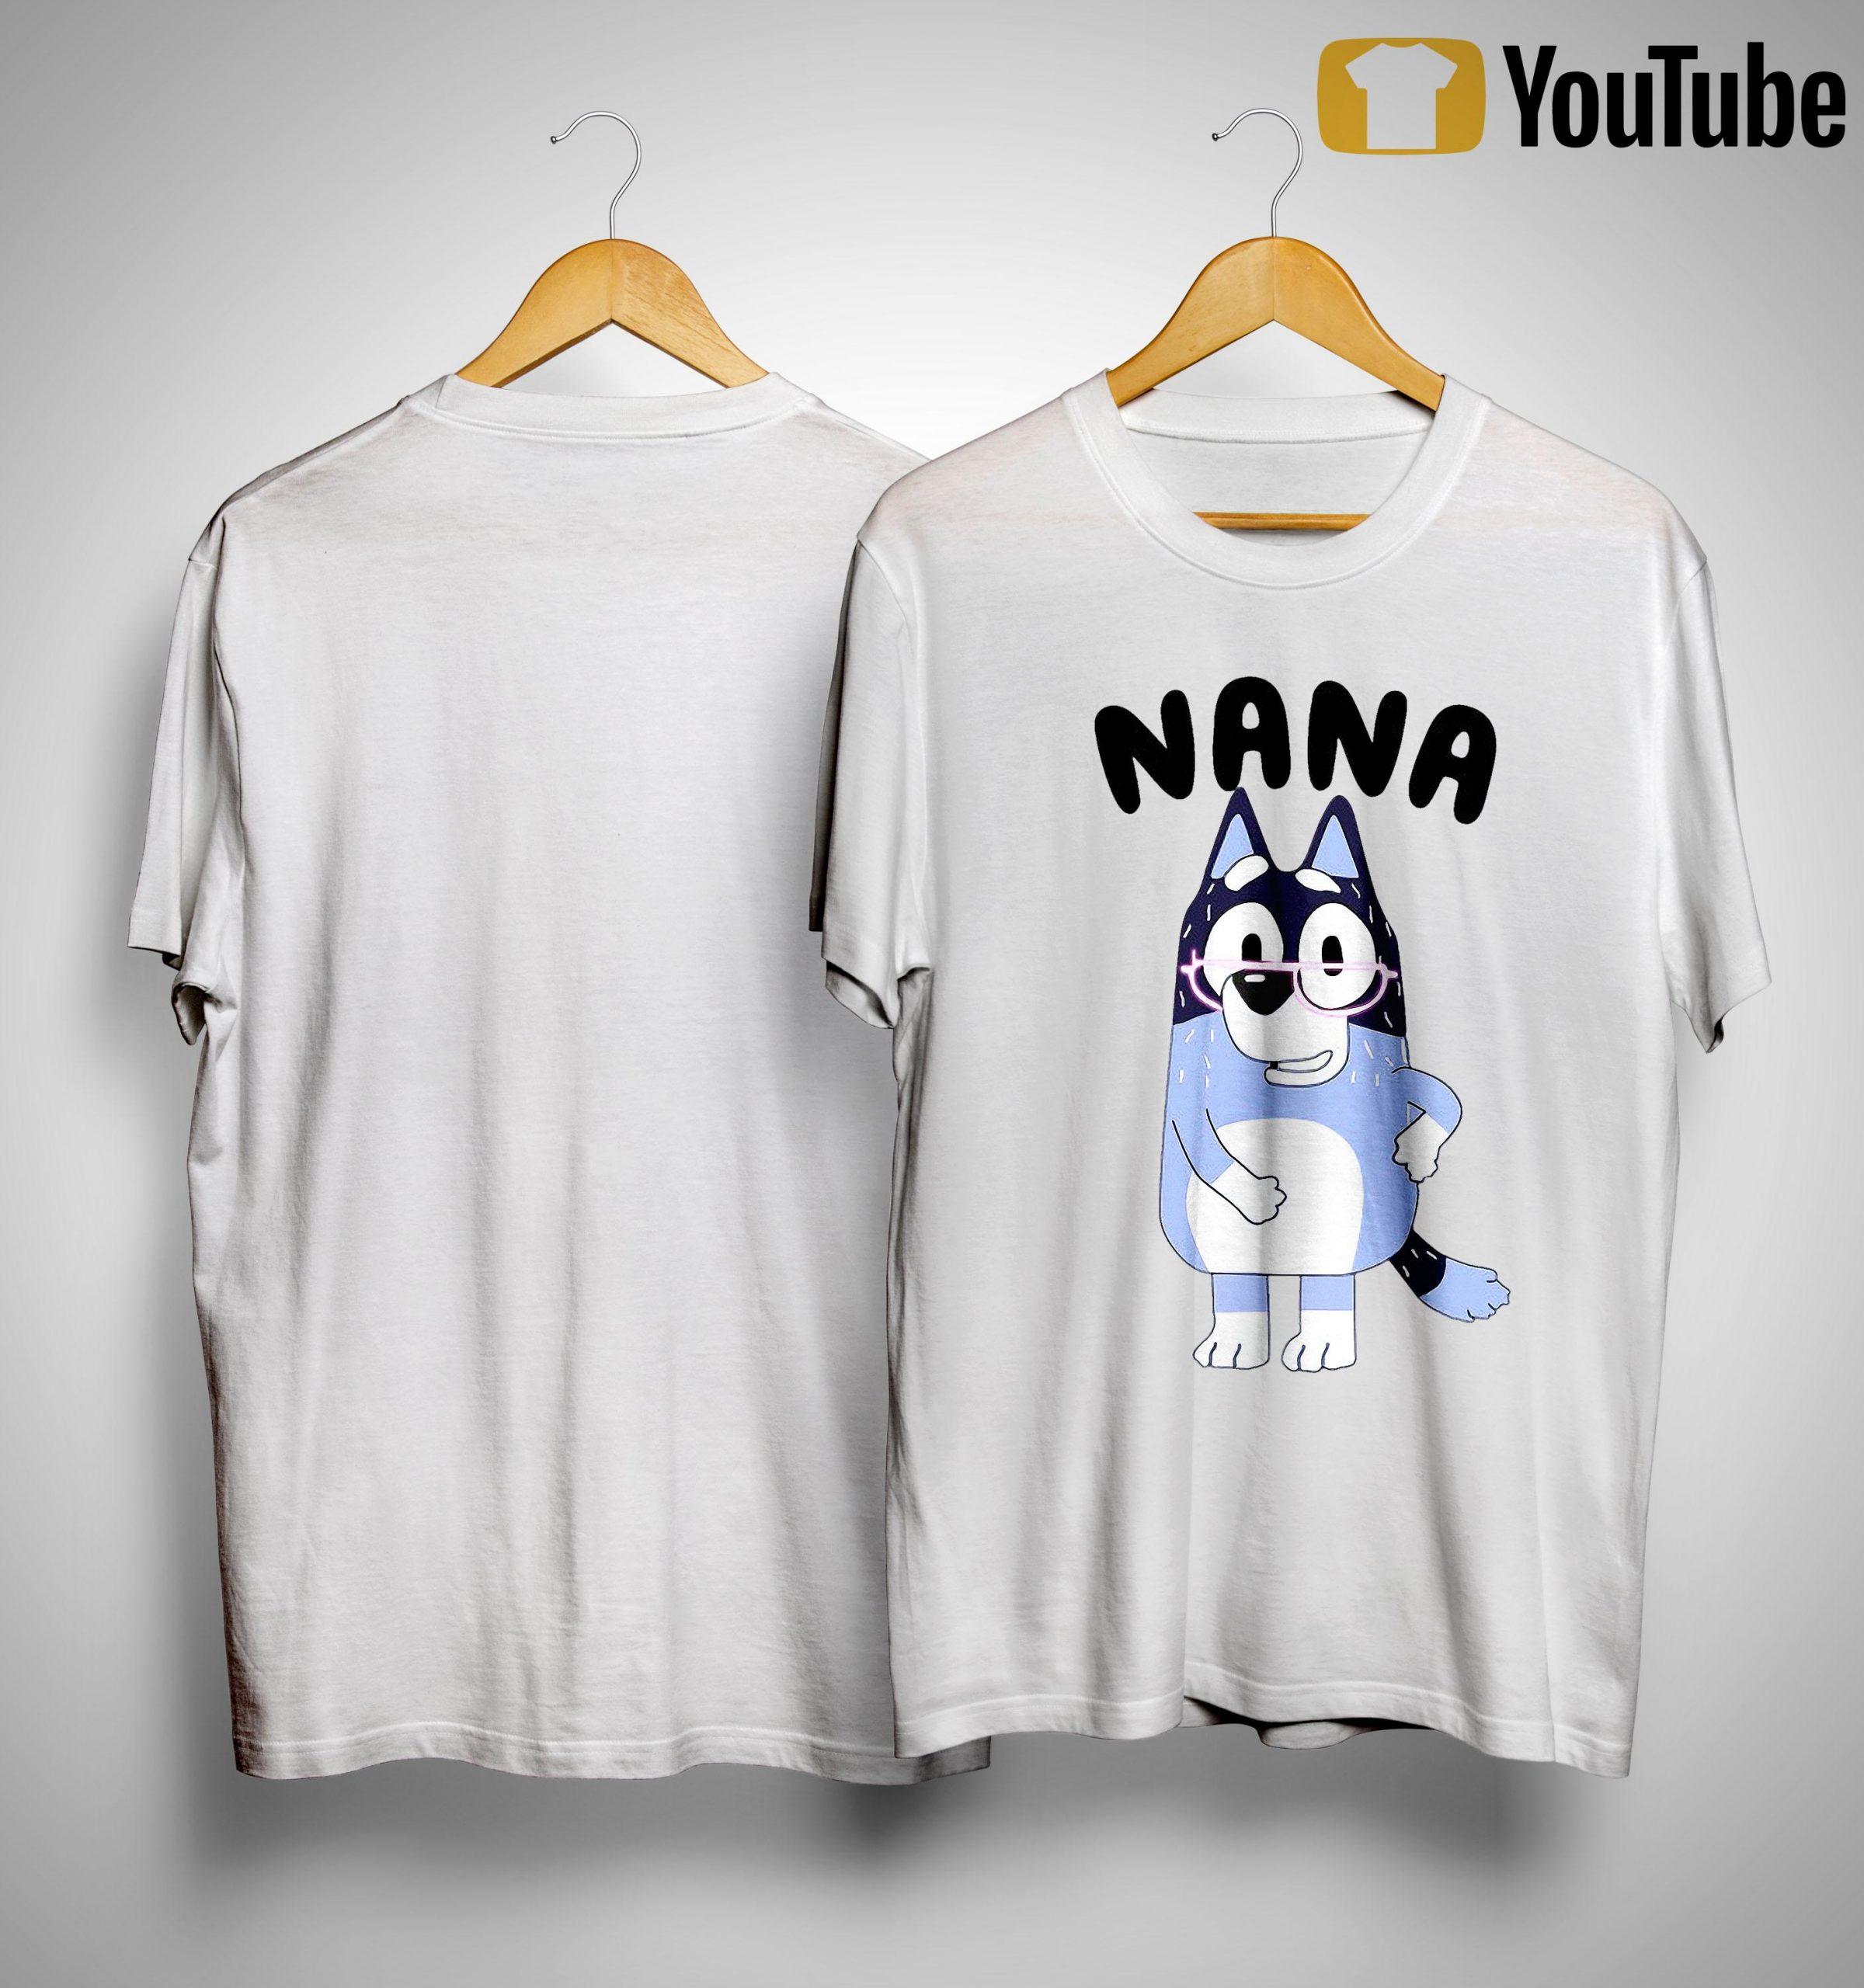 Nana Bluey Shirt